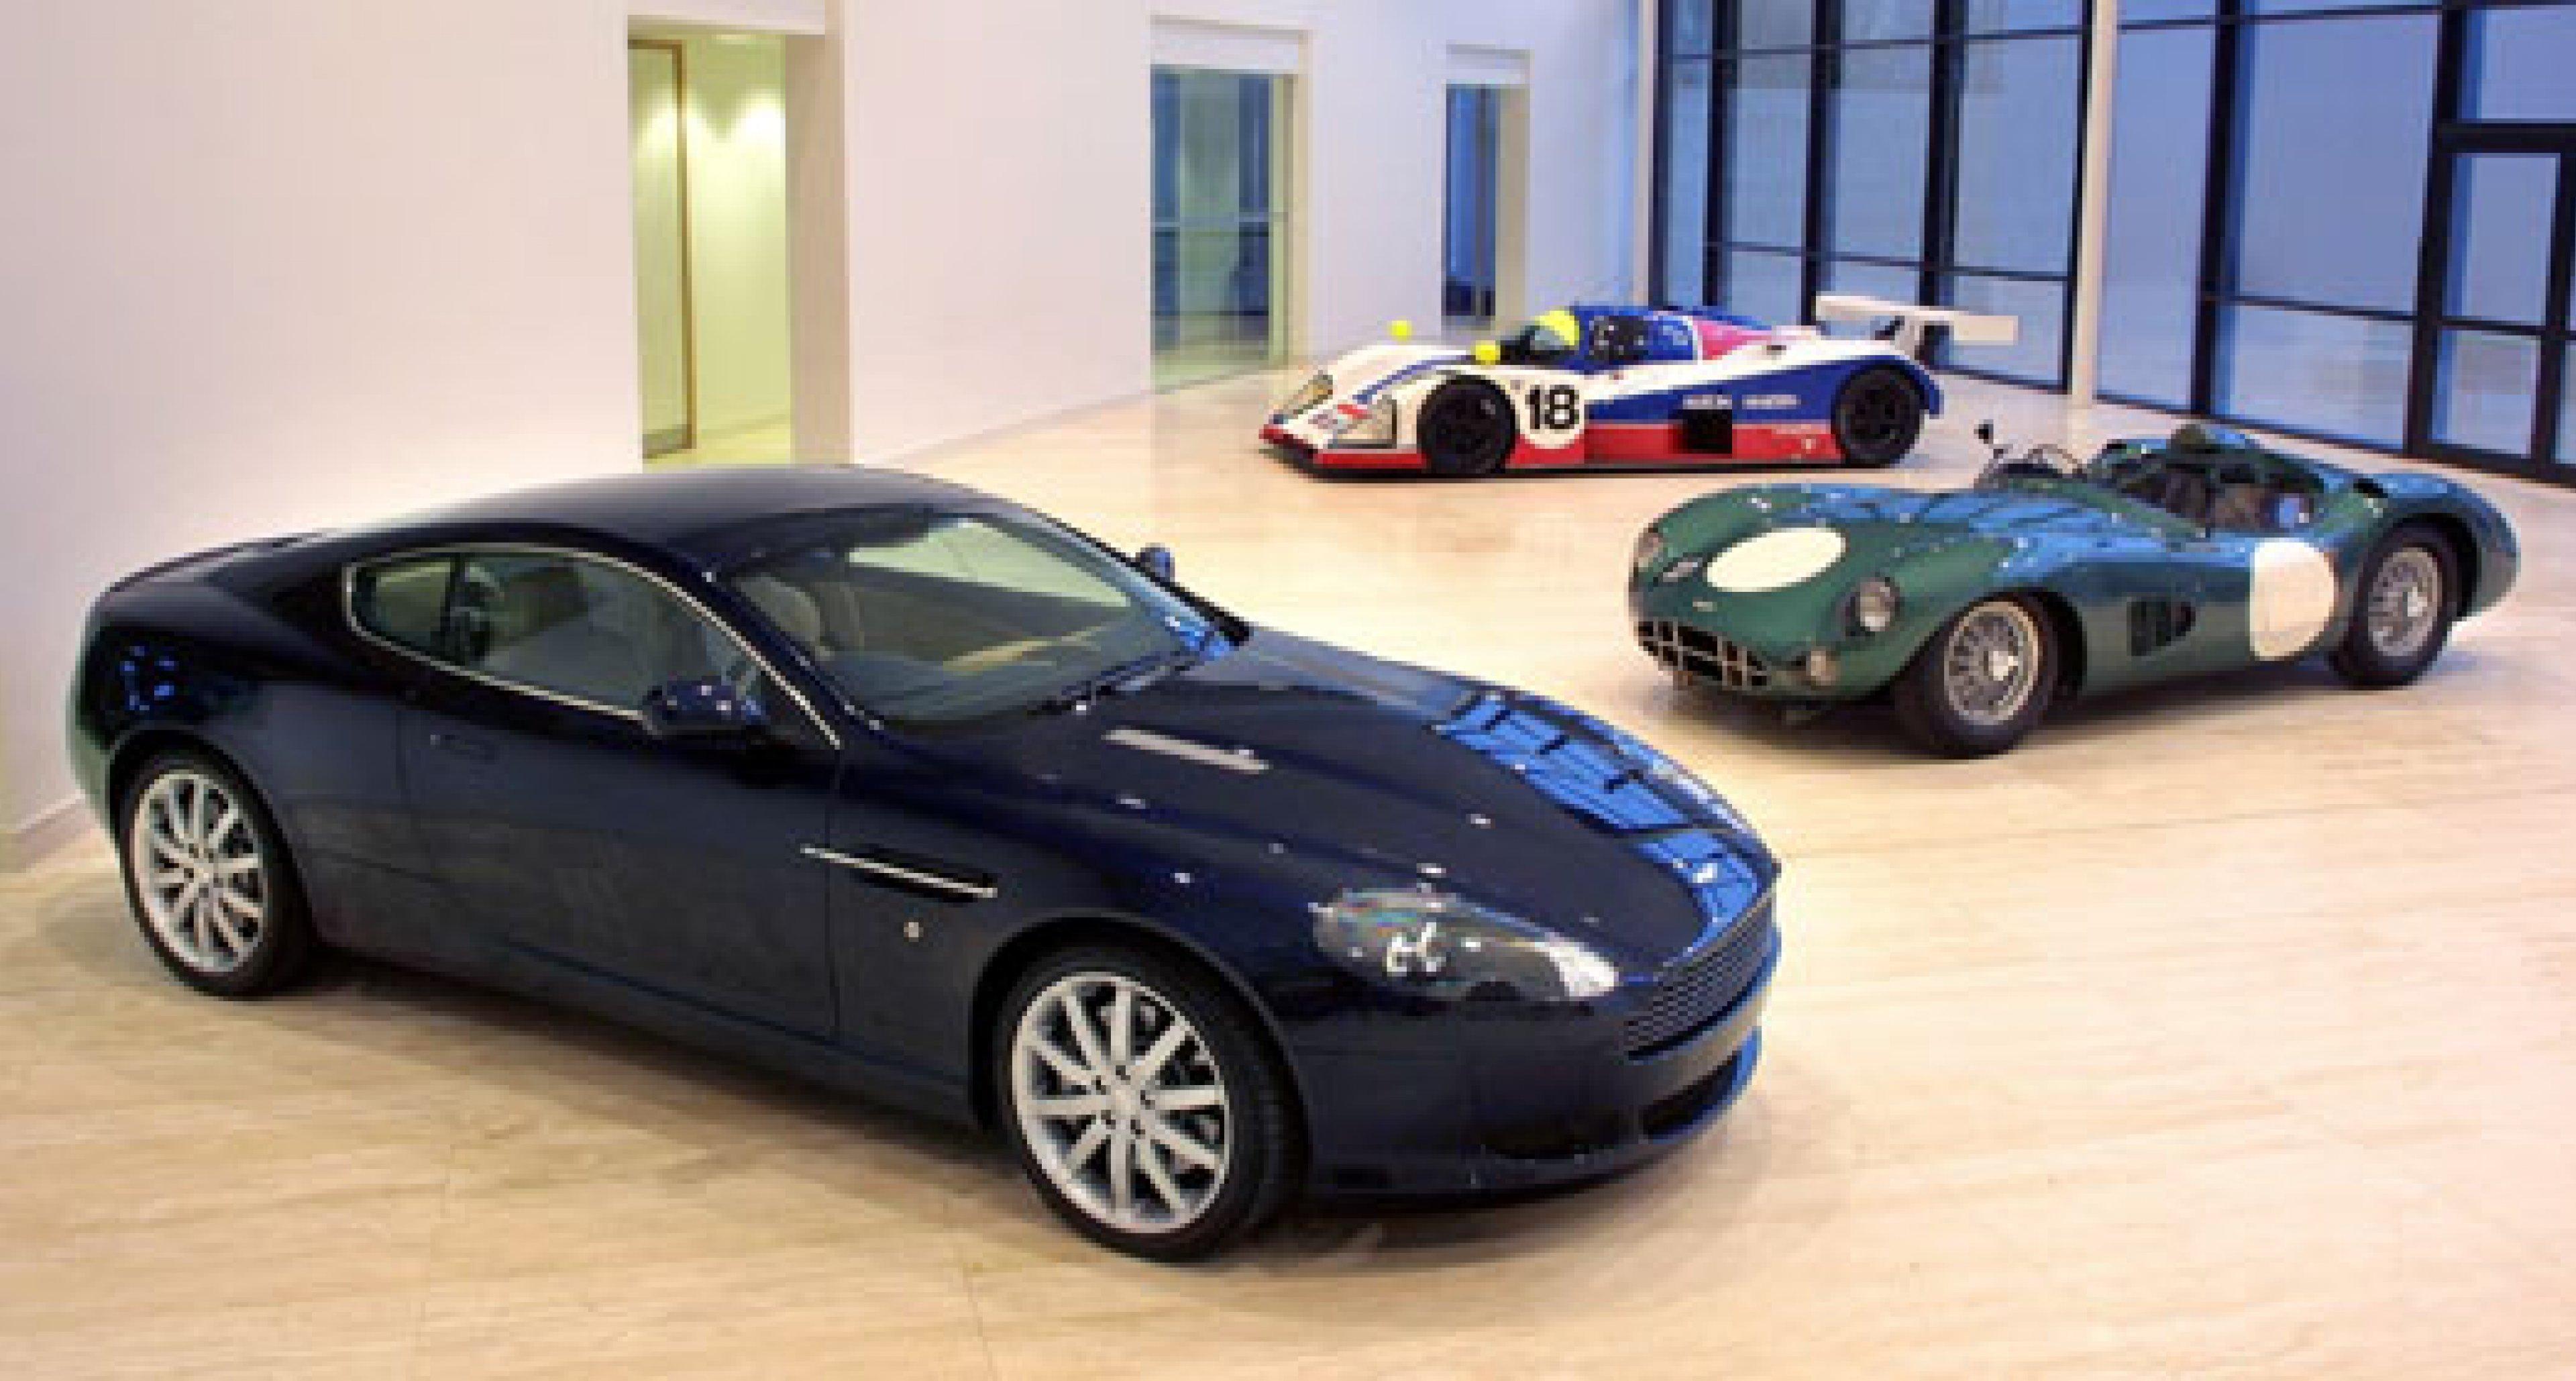 Aston Martin kehrt zurück in den Motorsport